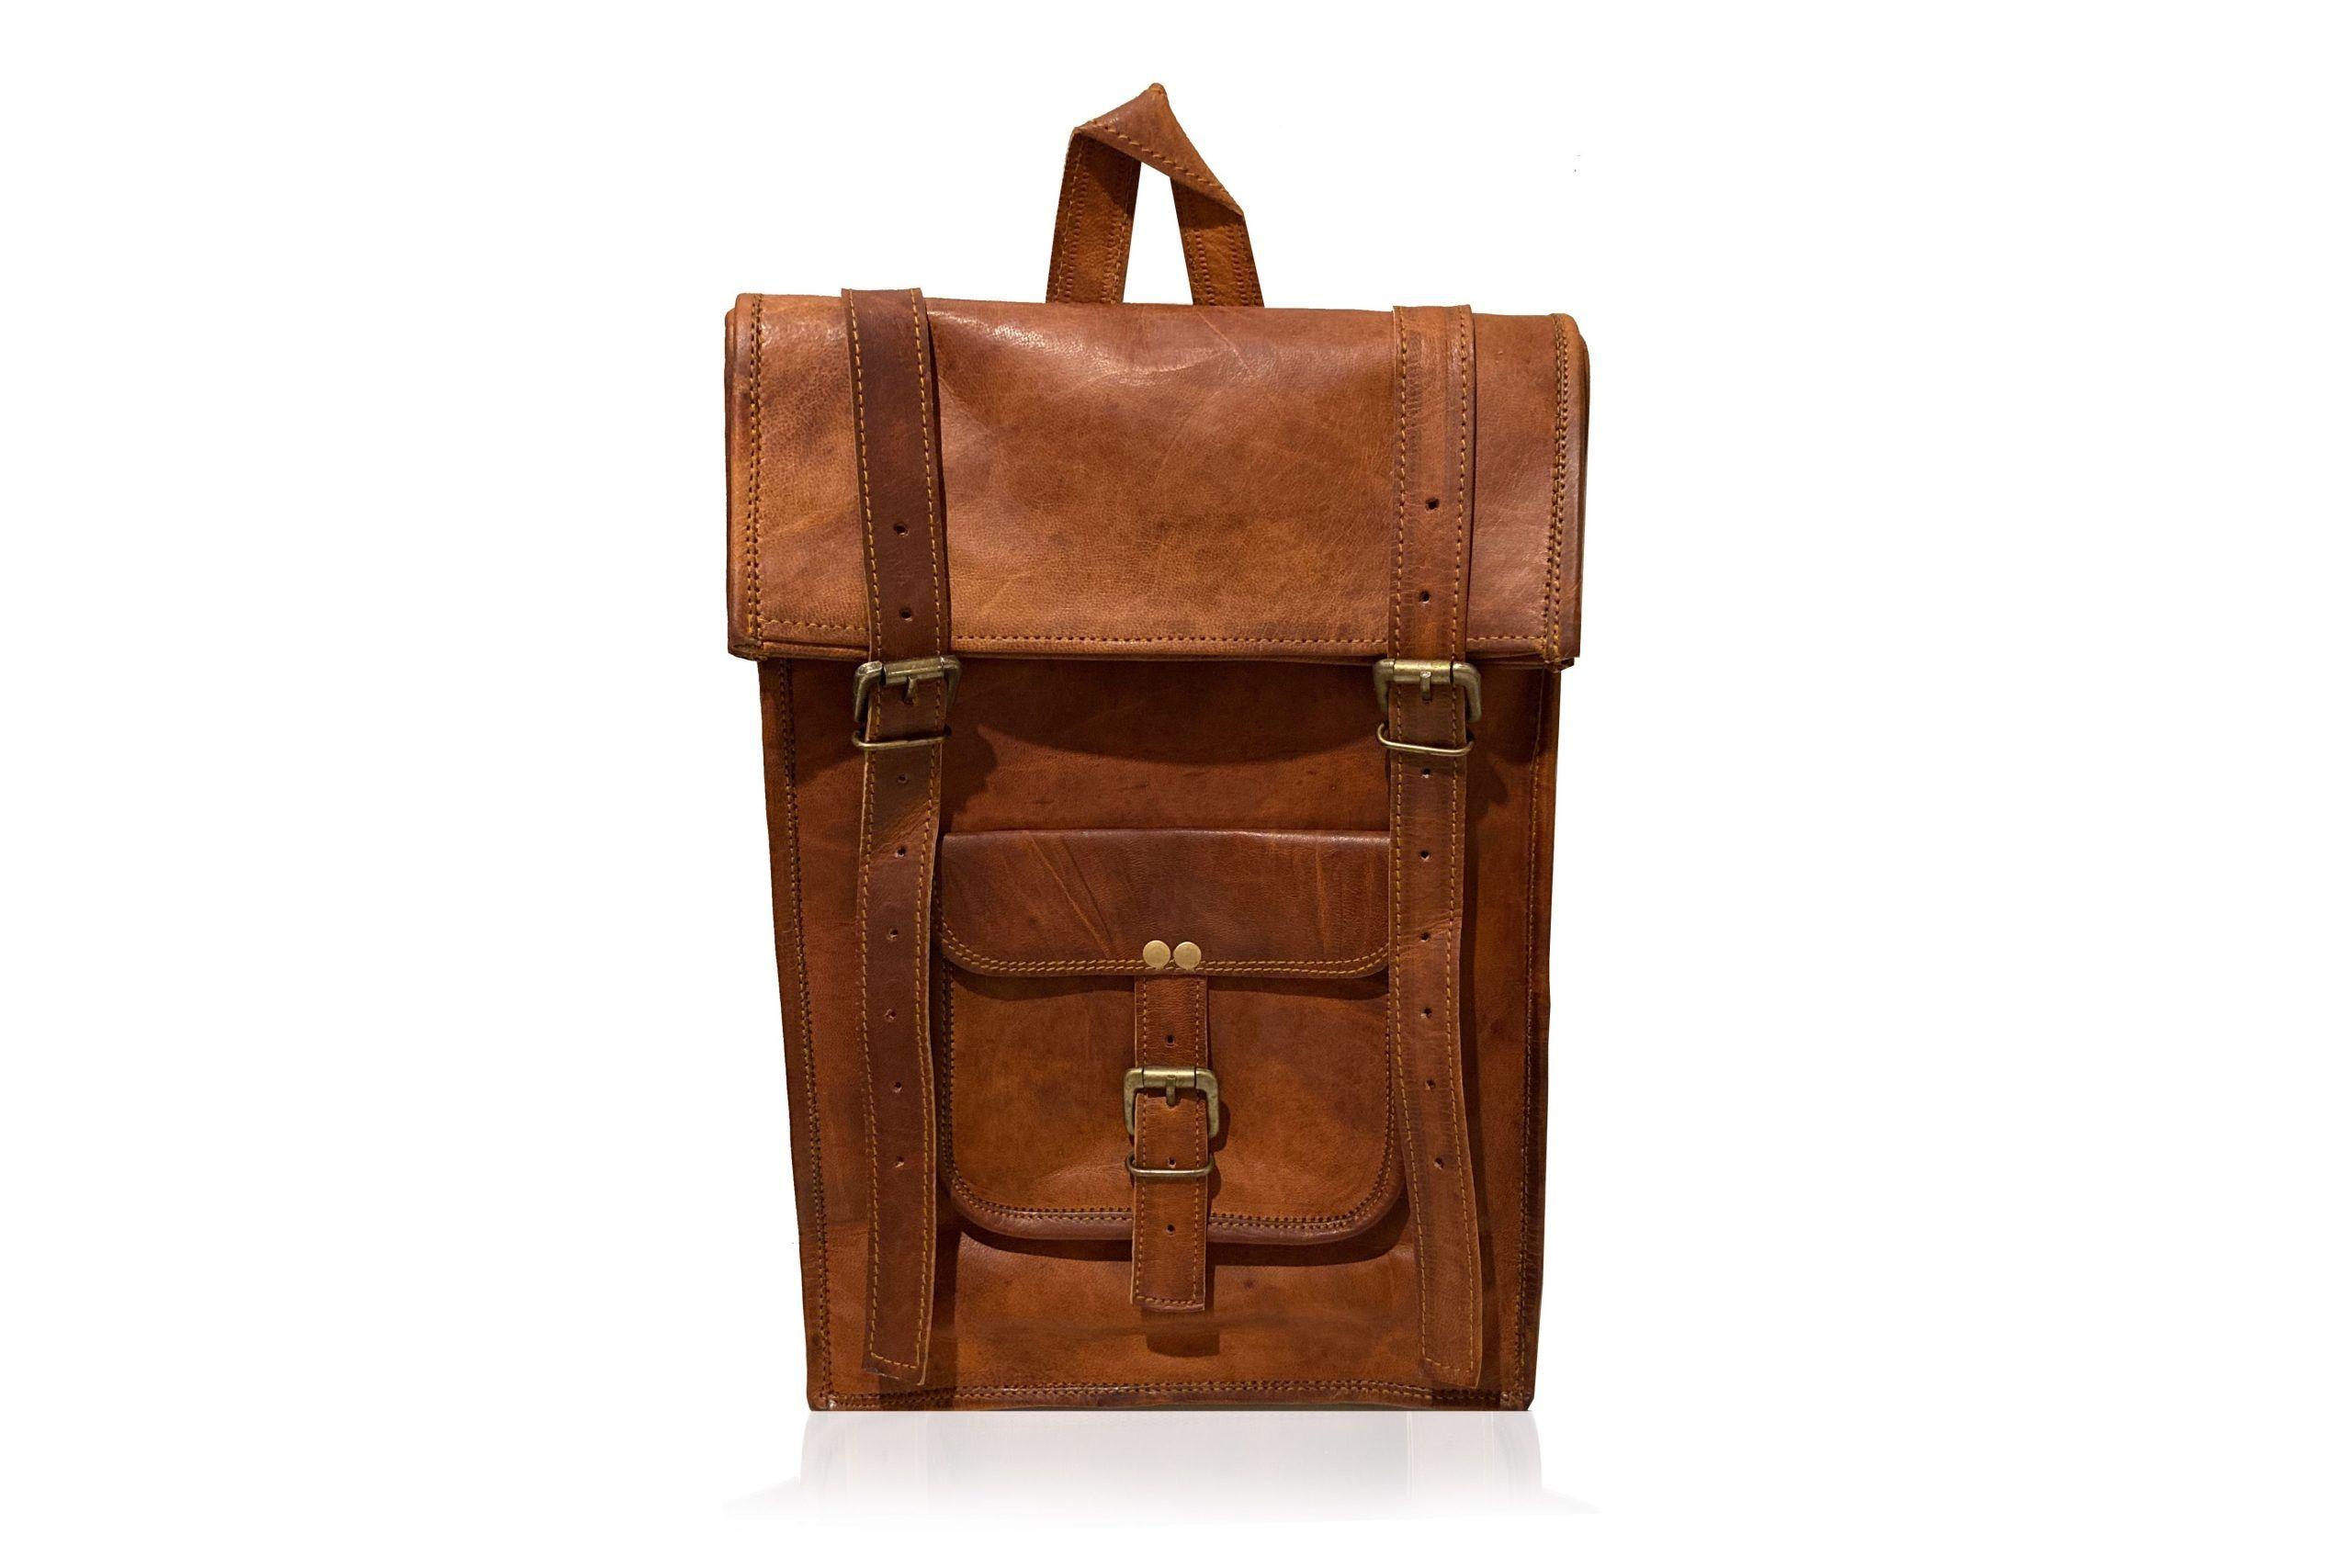 Woodland Leather Tan Vintage Front Pocket Backpack Adjustable Shoulder Strap